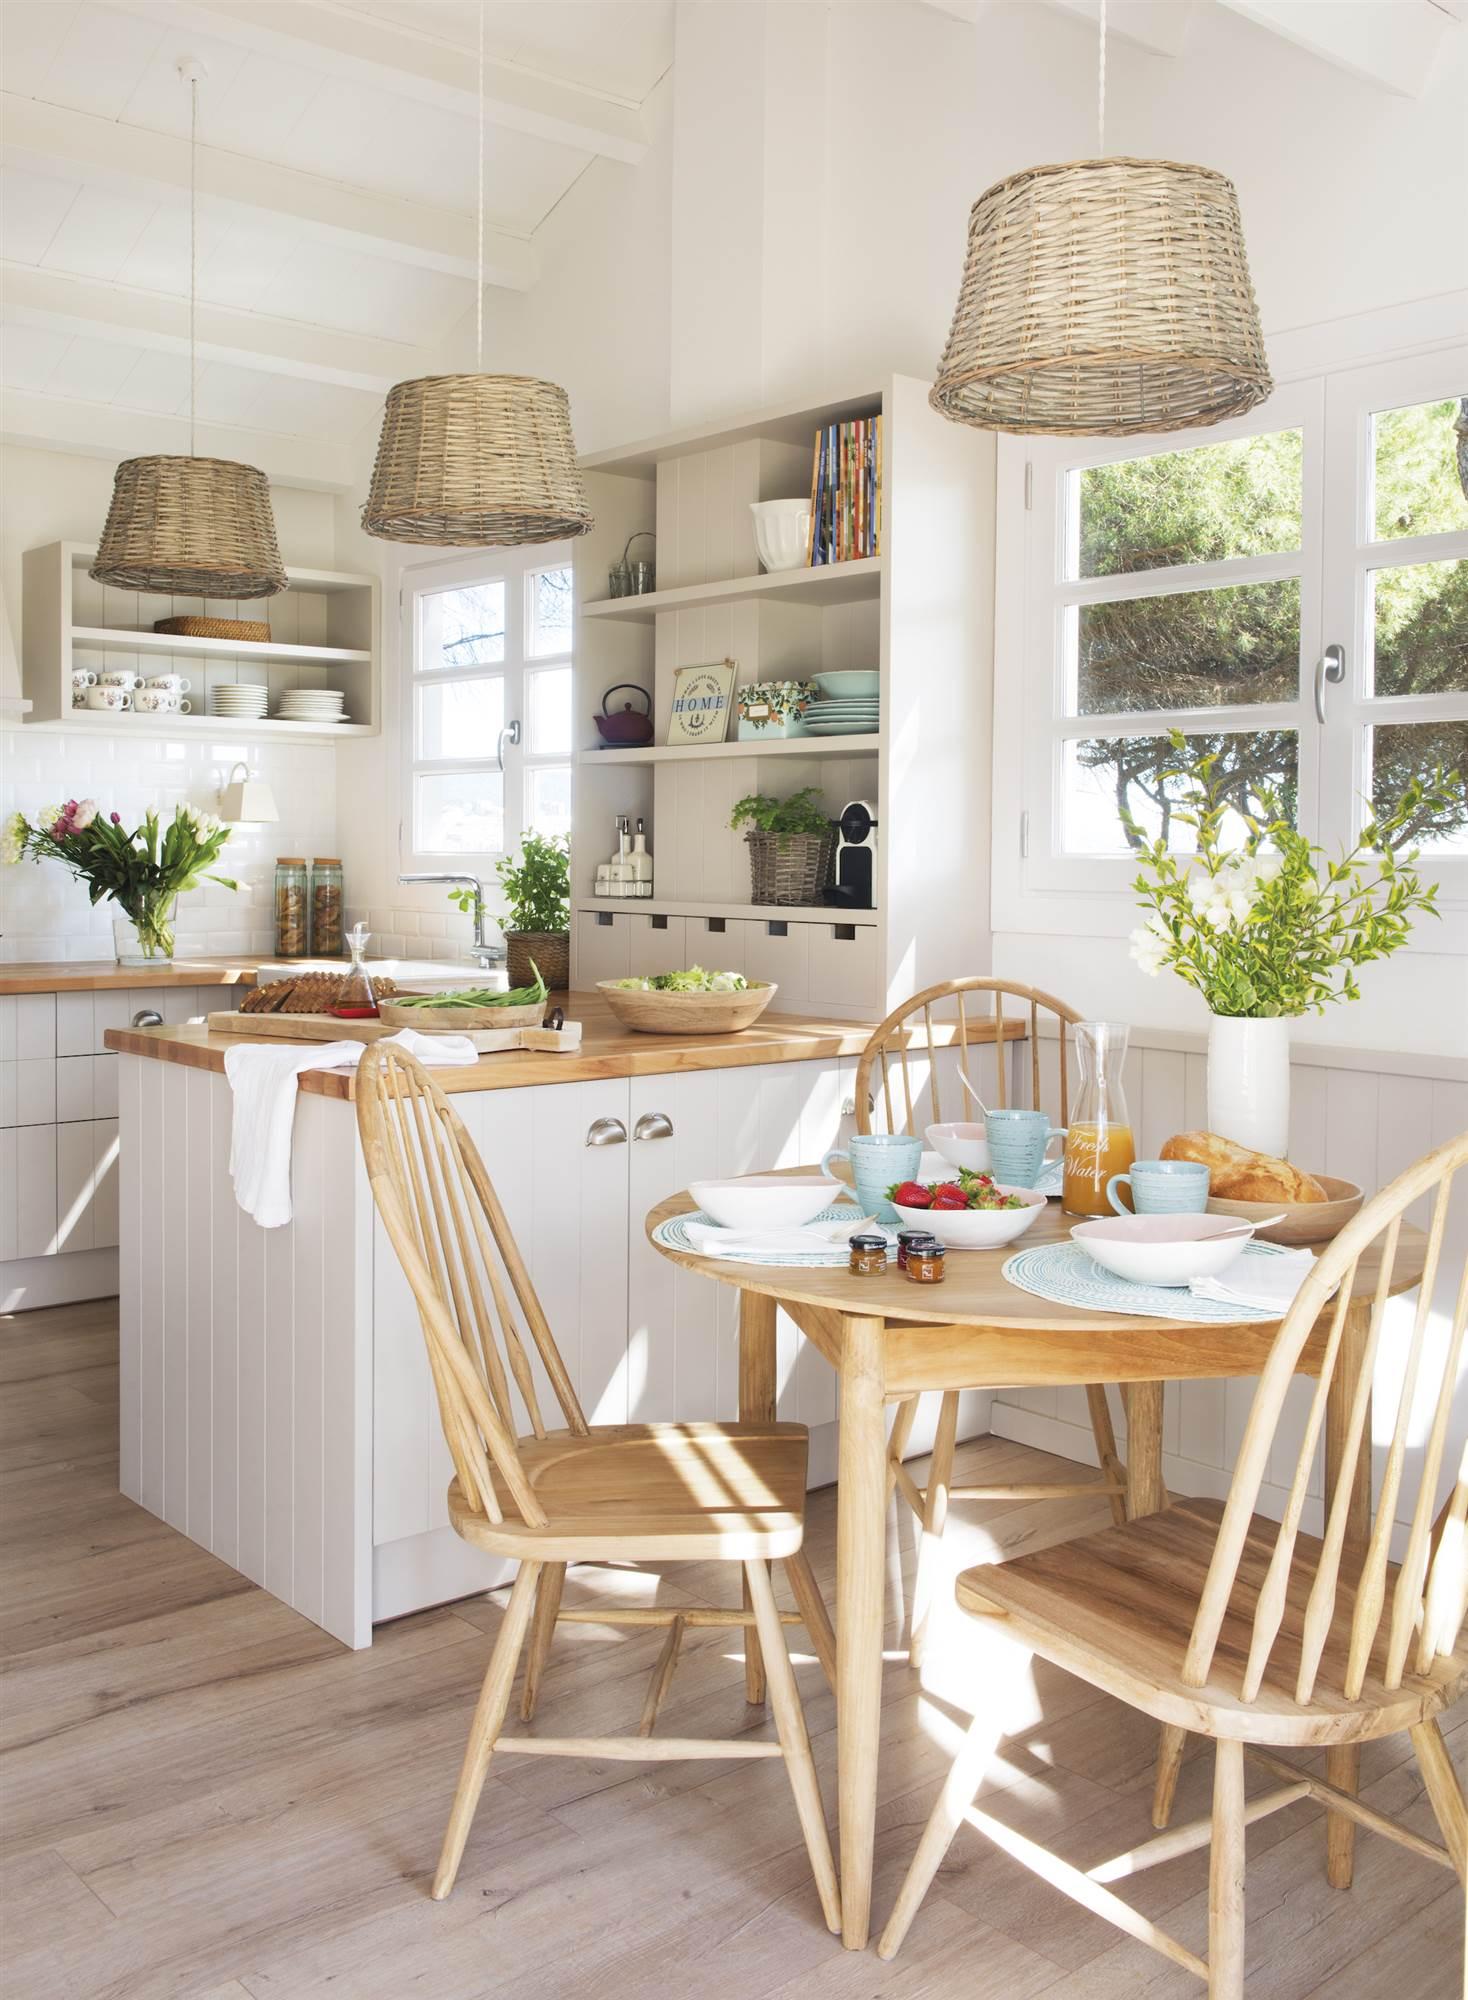 Planificar una cocina great ikea planificar cocina with planificar una cocina disear una - Planificar una cocina ...